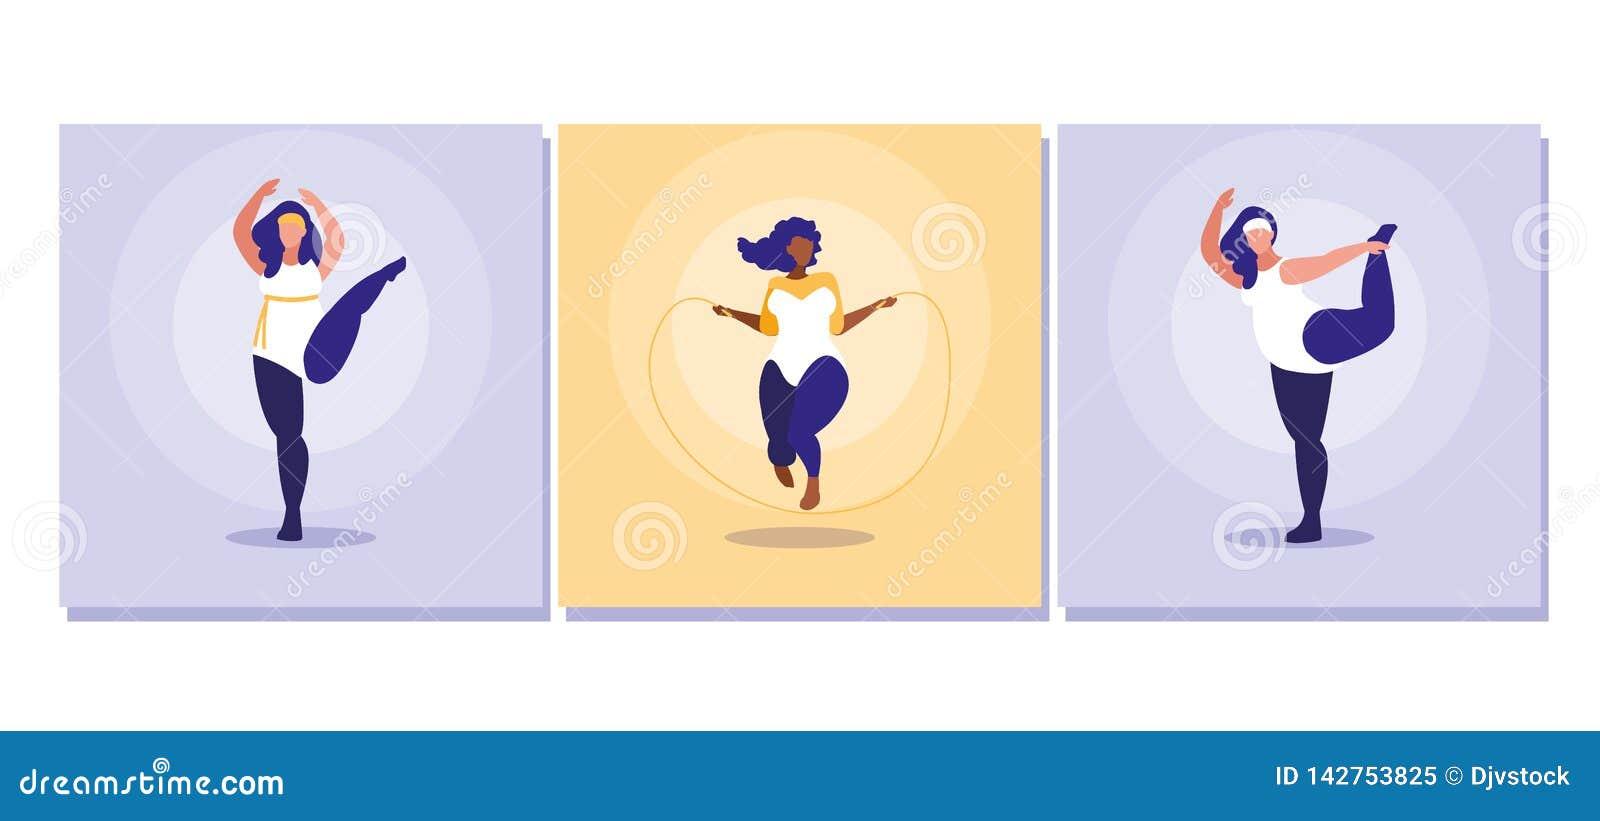 Women Exercising Stock Illustrations 2 605 Women Exercising Stock Illustrations Vectors Clipart Dreamstime